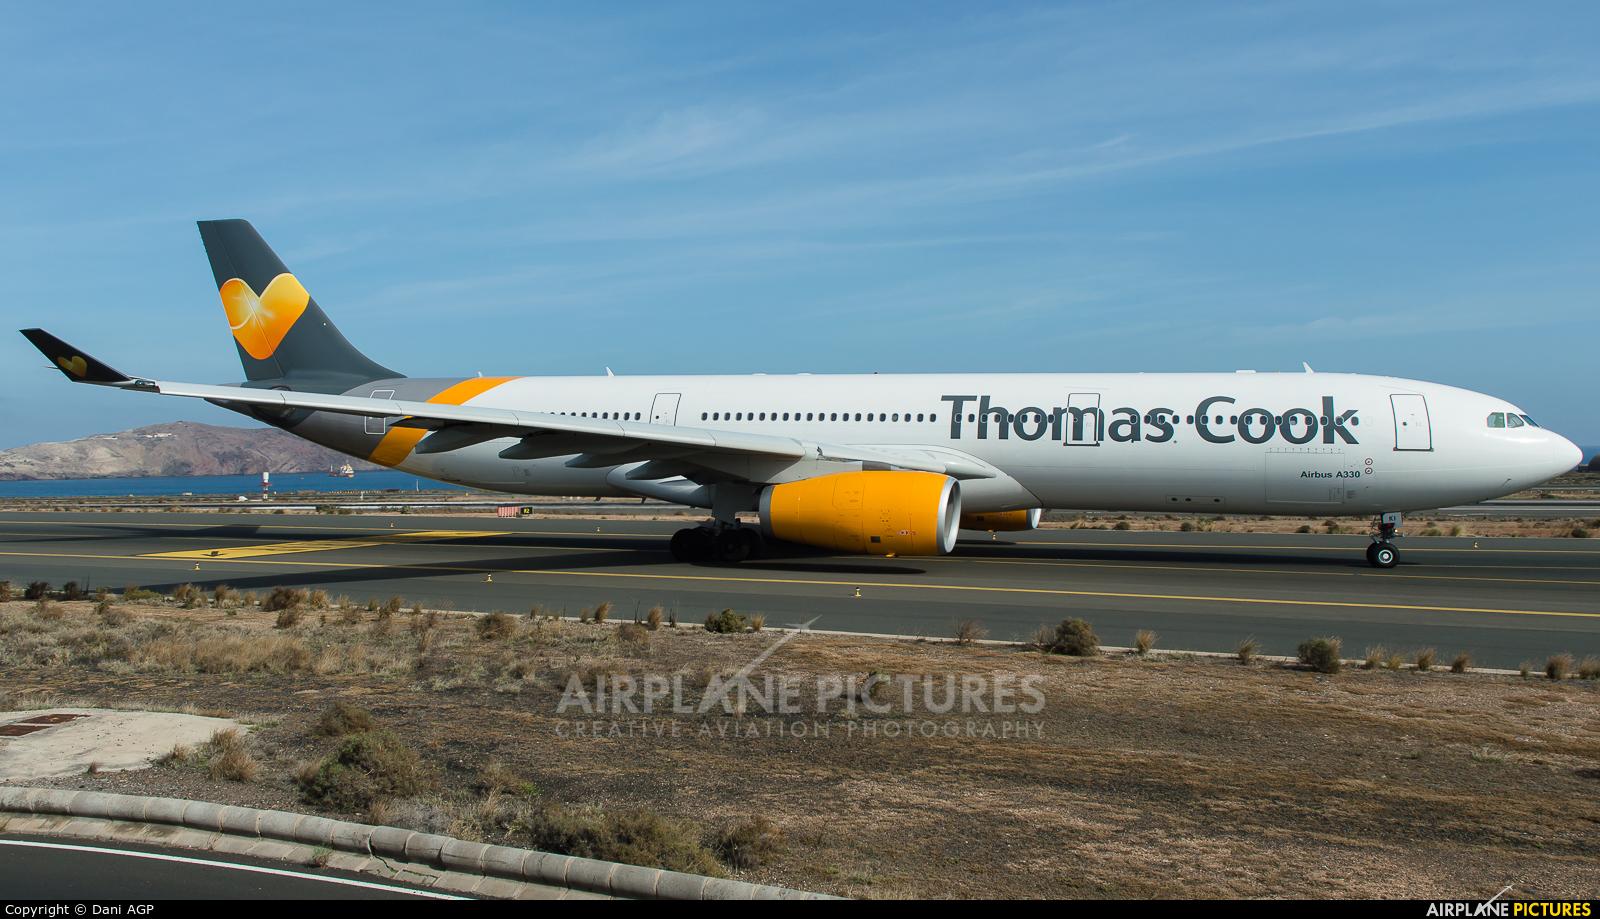 Thomas Cook Scandinavia OY-VKI aircraft at Aeropuerto de Gran Canaria